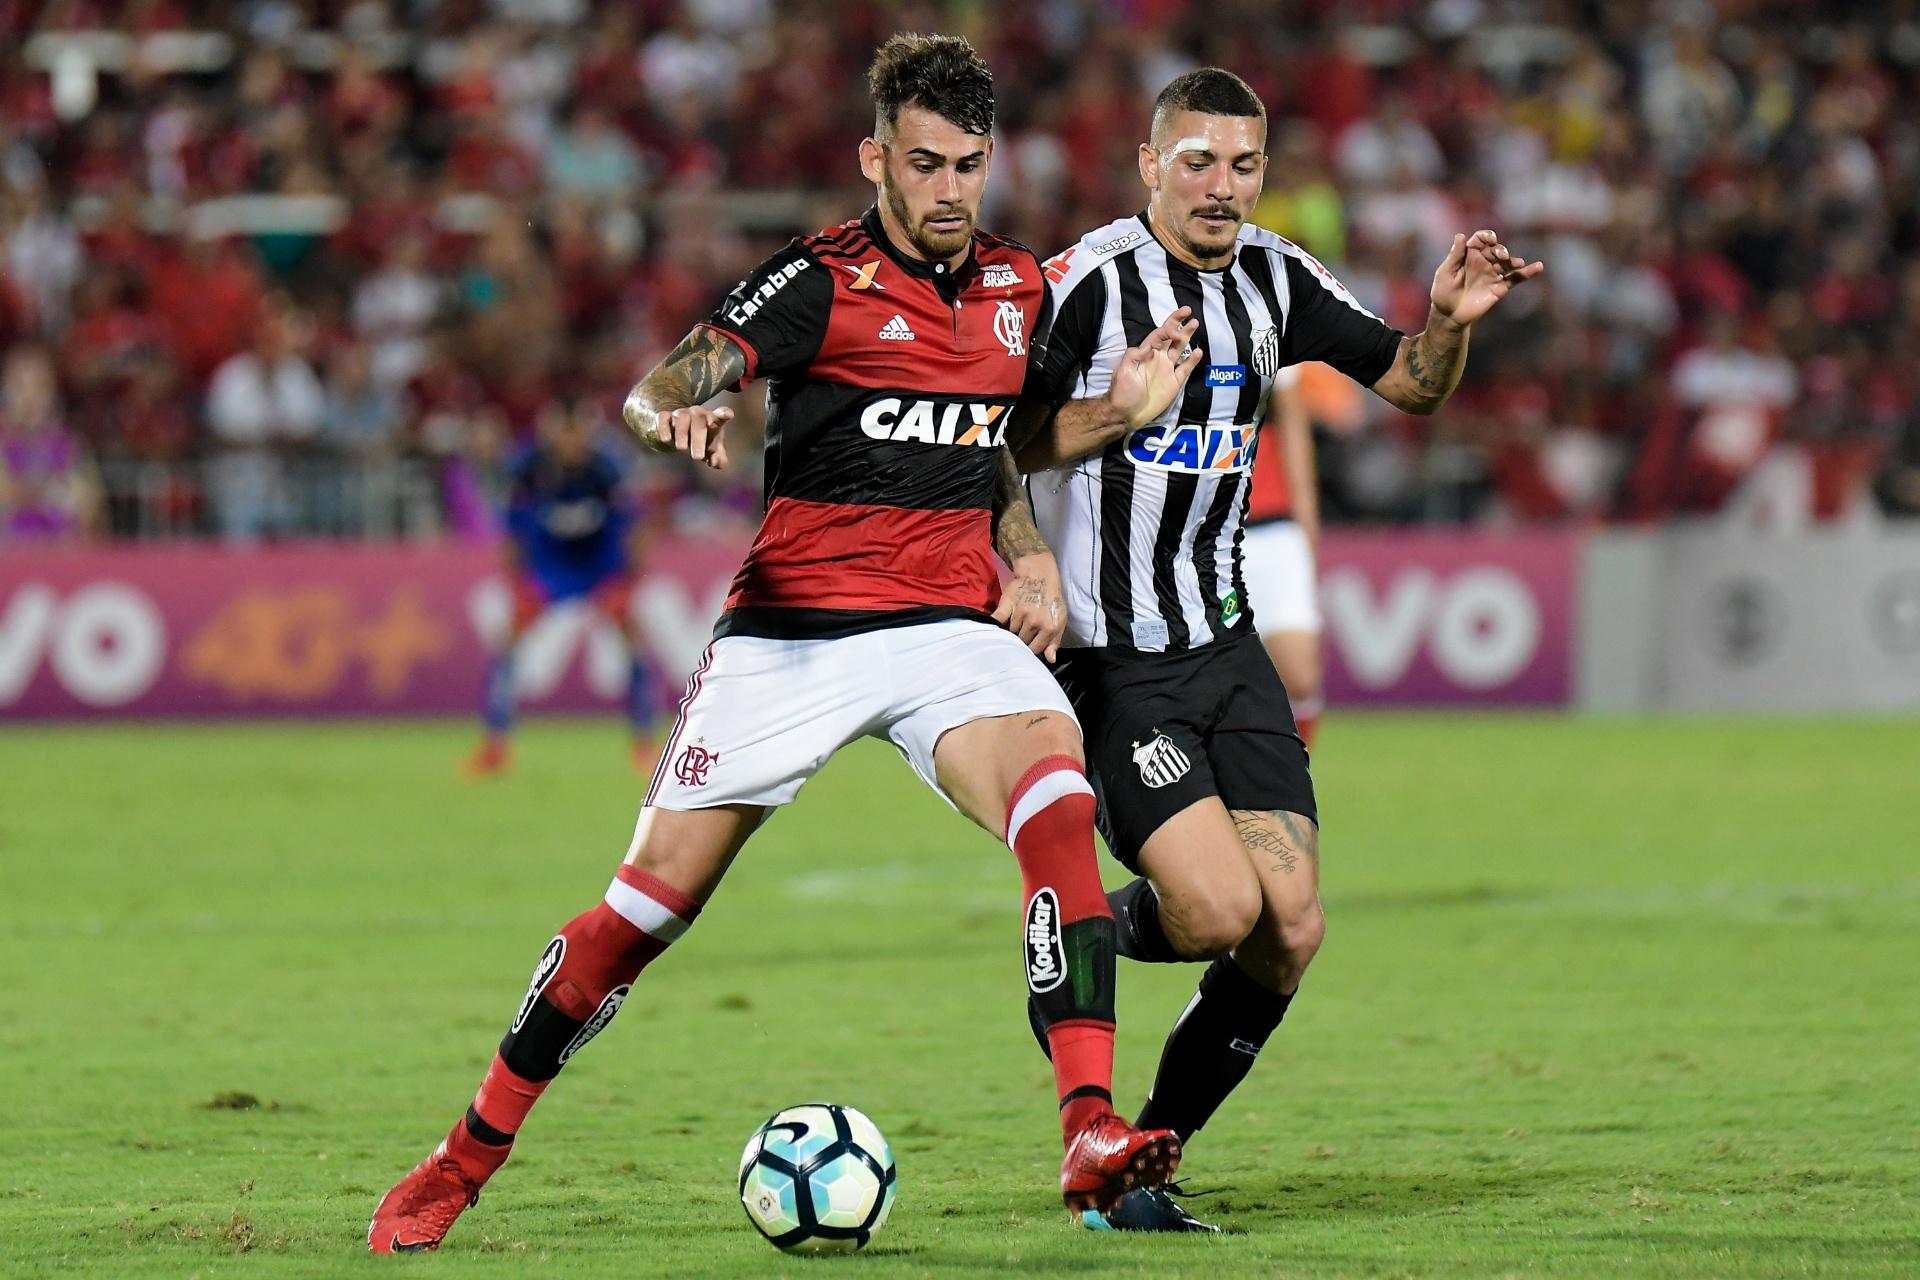 Santos bate Fla com erros de Muralha e vai à fase de grupos da Libertadores  - 26 11 2017 - UOL Esporte a5d581b1012a7